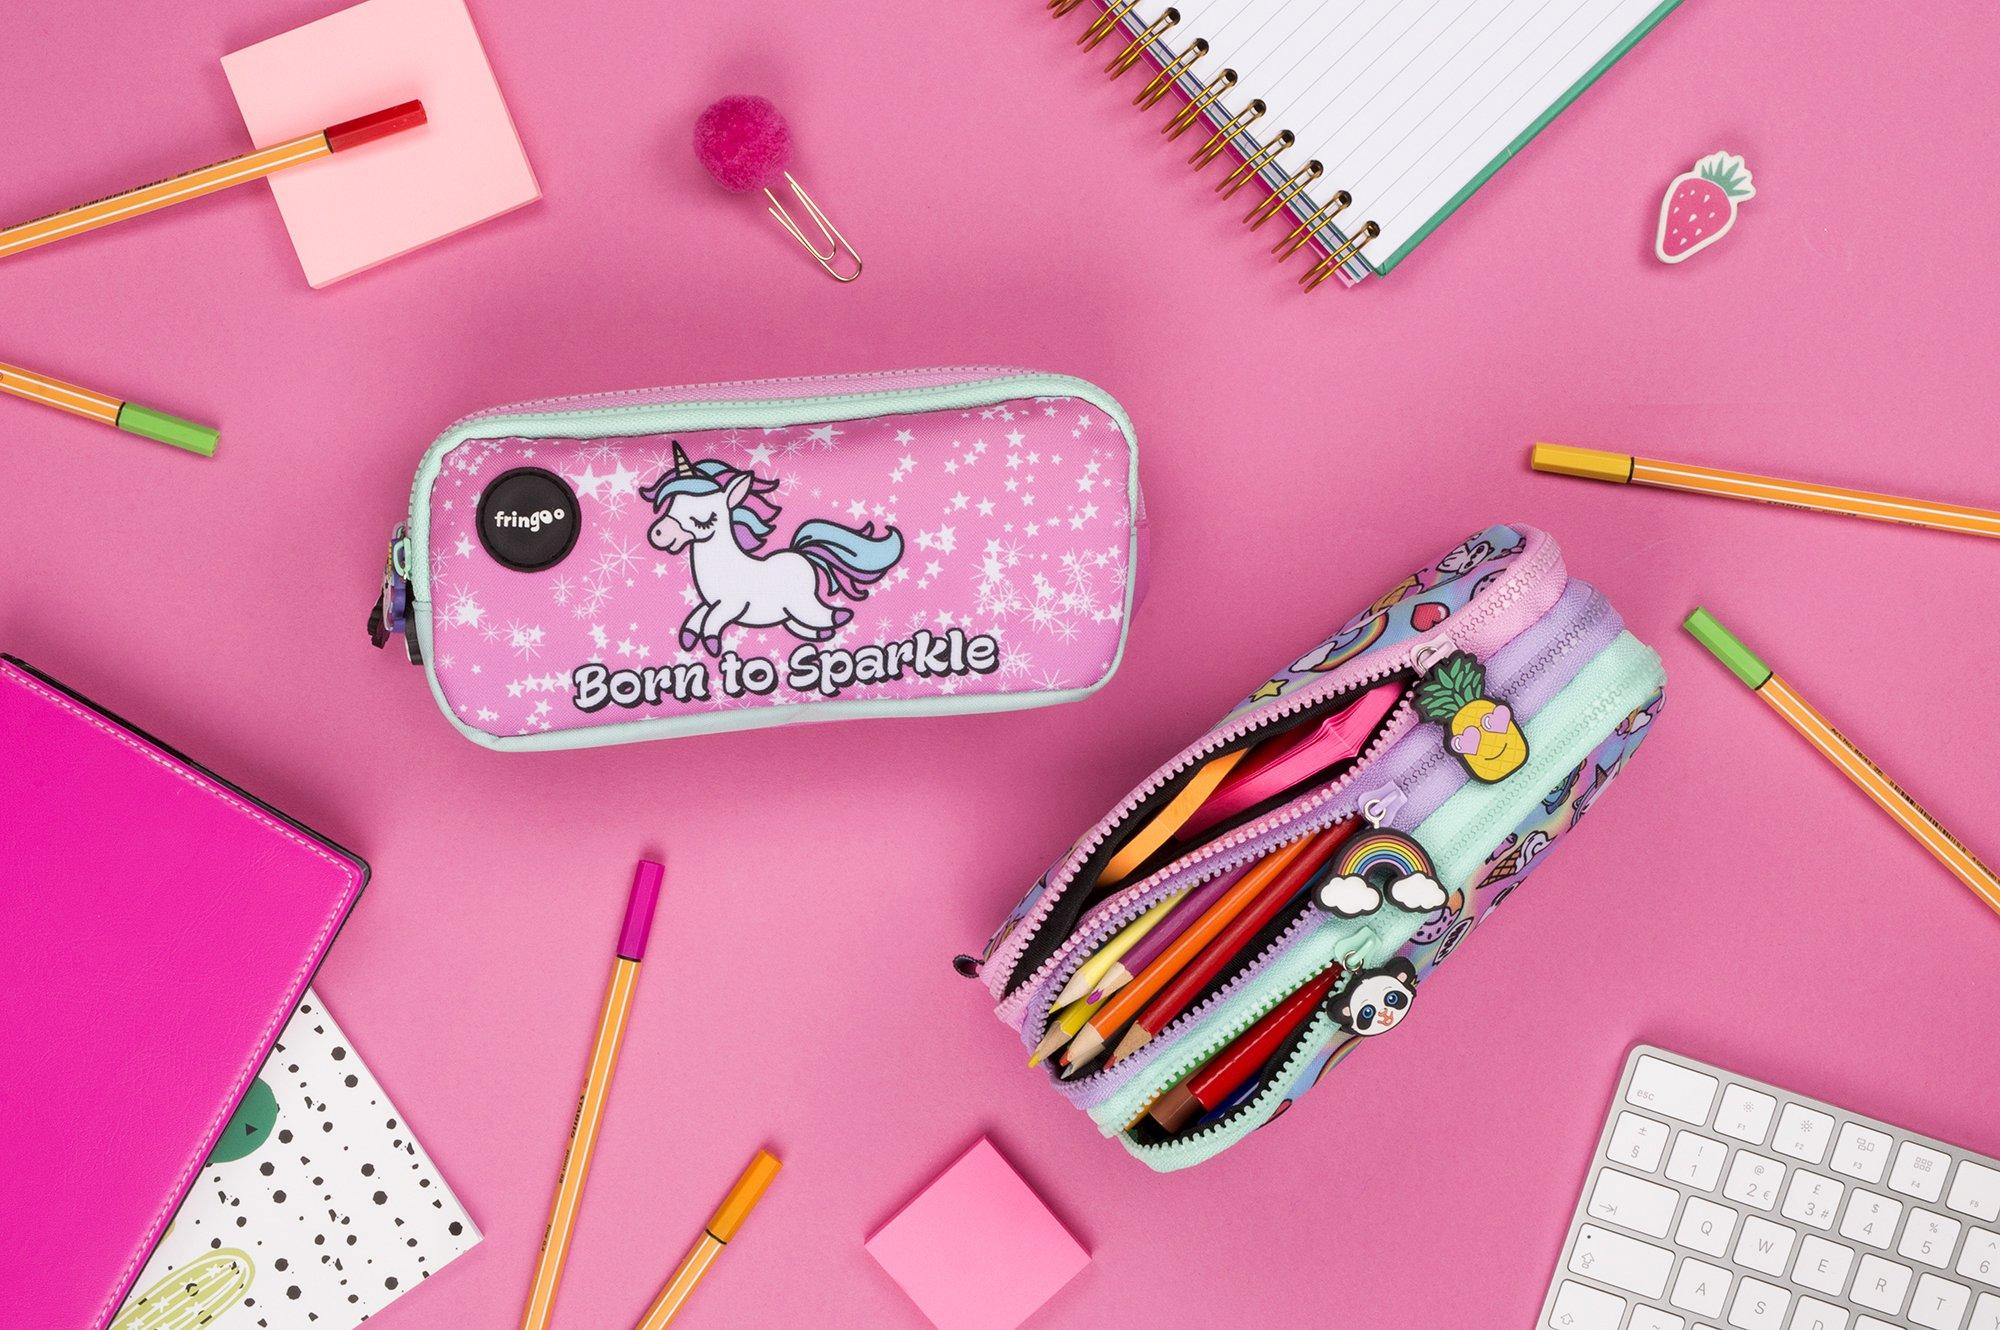 FRINGOO – Trousse à crayons avec 3compartiments jolie et amusante – Pour enfant Large Born To Sparkle – 3 Compartments